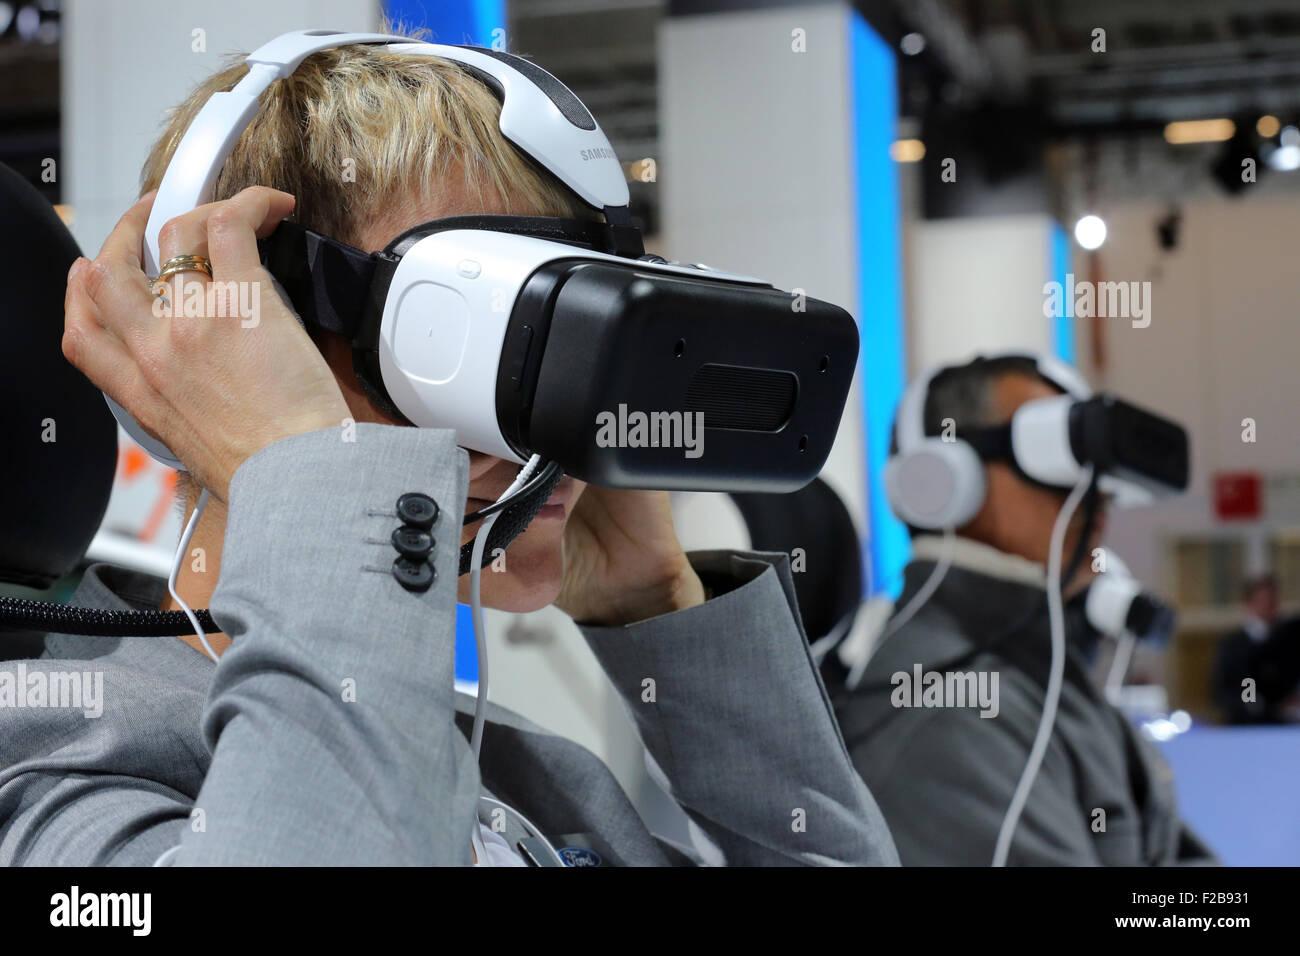 Frankfurt/M, 15.09.2015 - Los visitantes tomar una prueba de conducción virtual con máscaras en el stand de Ford en el 66º Salón Internacional del Automóvil IAA 2015 (Internationale Automobil Ausstellung IAA) en Frankfurt/Main, Alemania Foto de stock